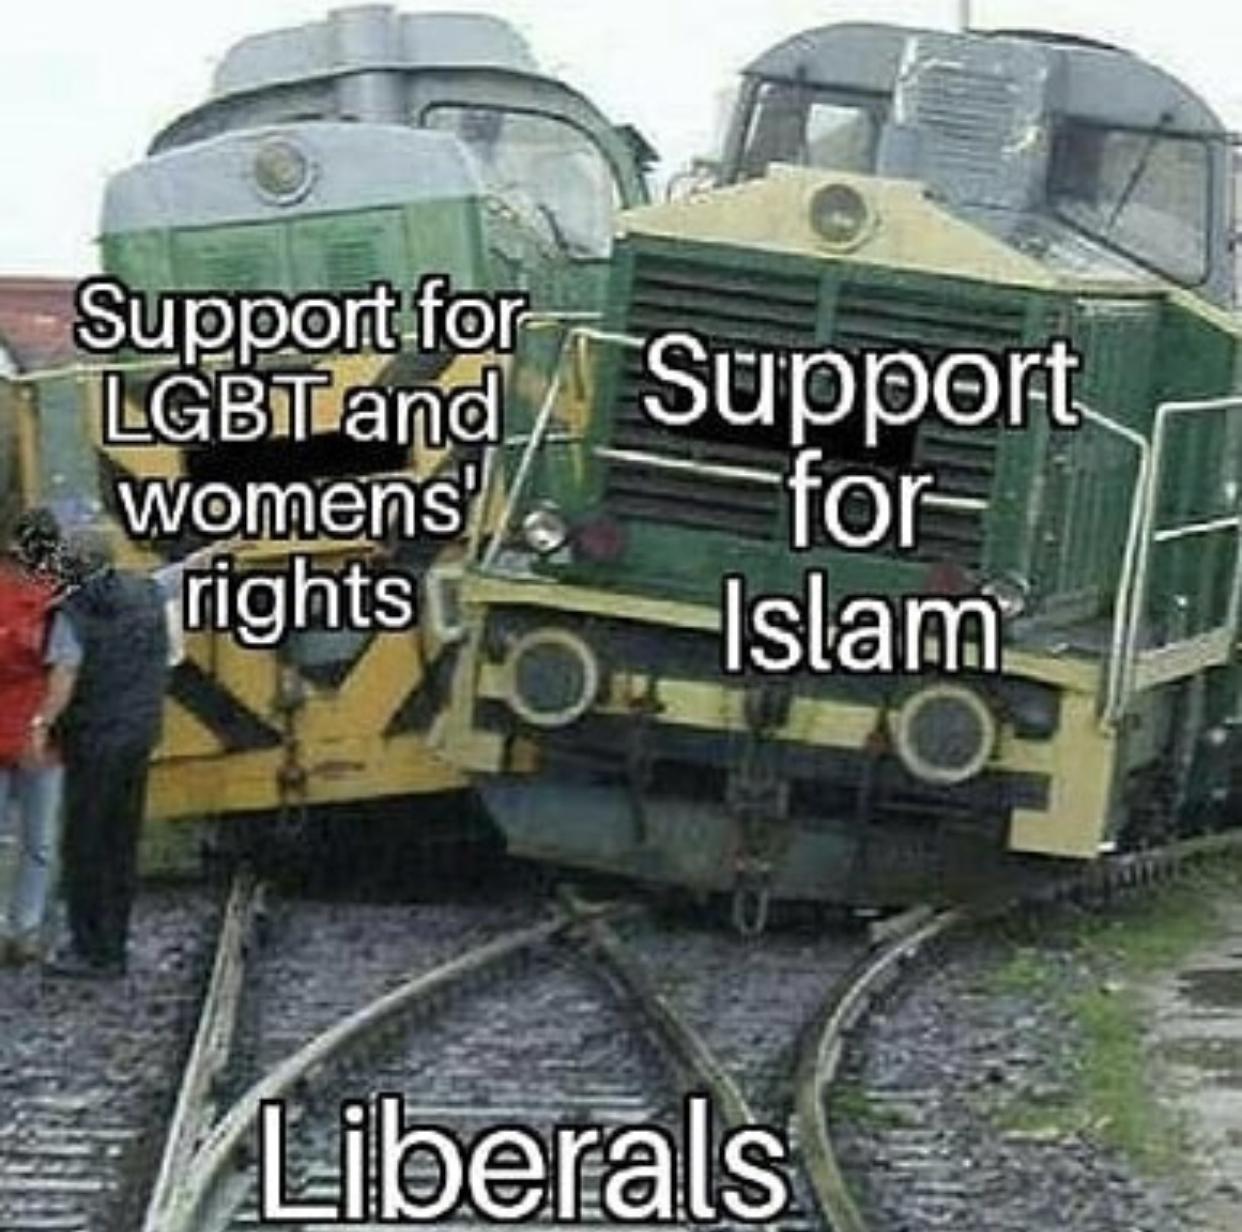 Liberals-LGBT-Sharia-Islam-Trains-crashi